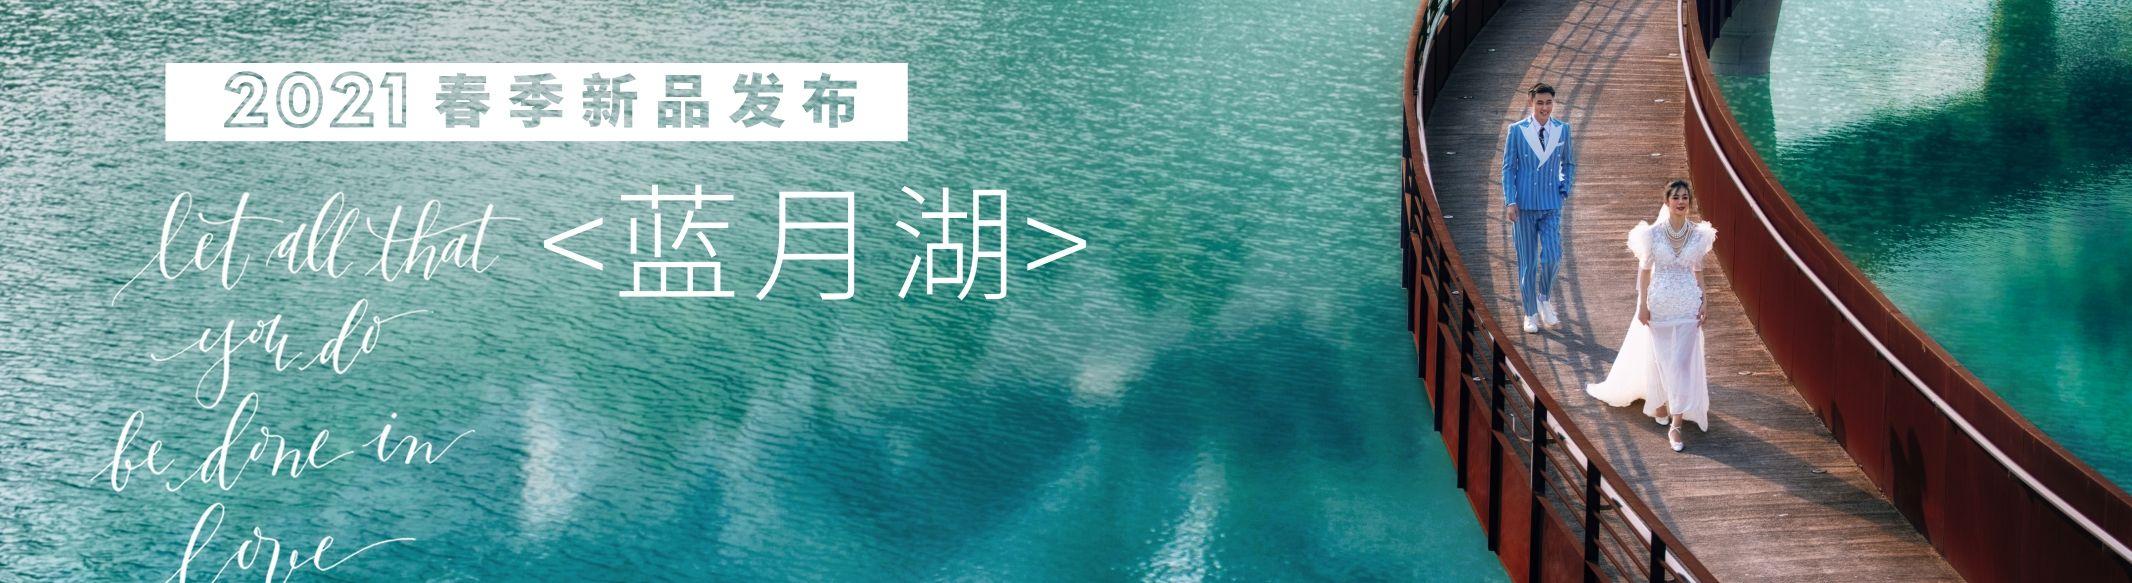 2021新品发布-蓝月湖